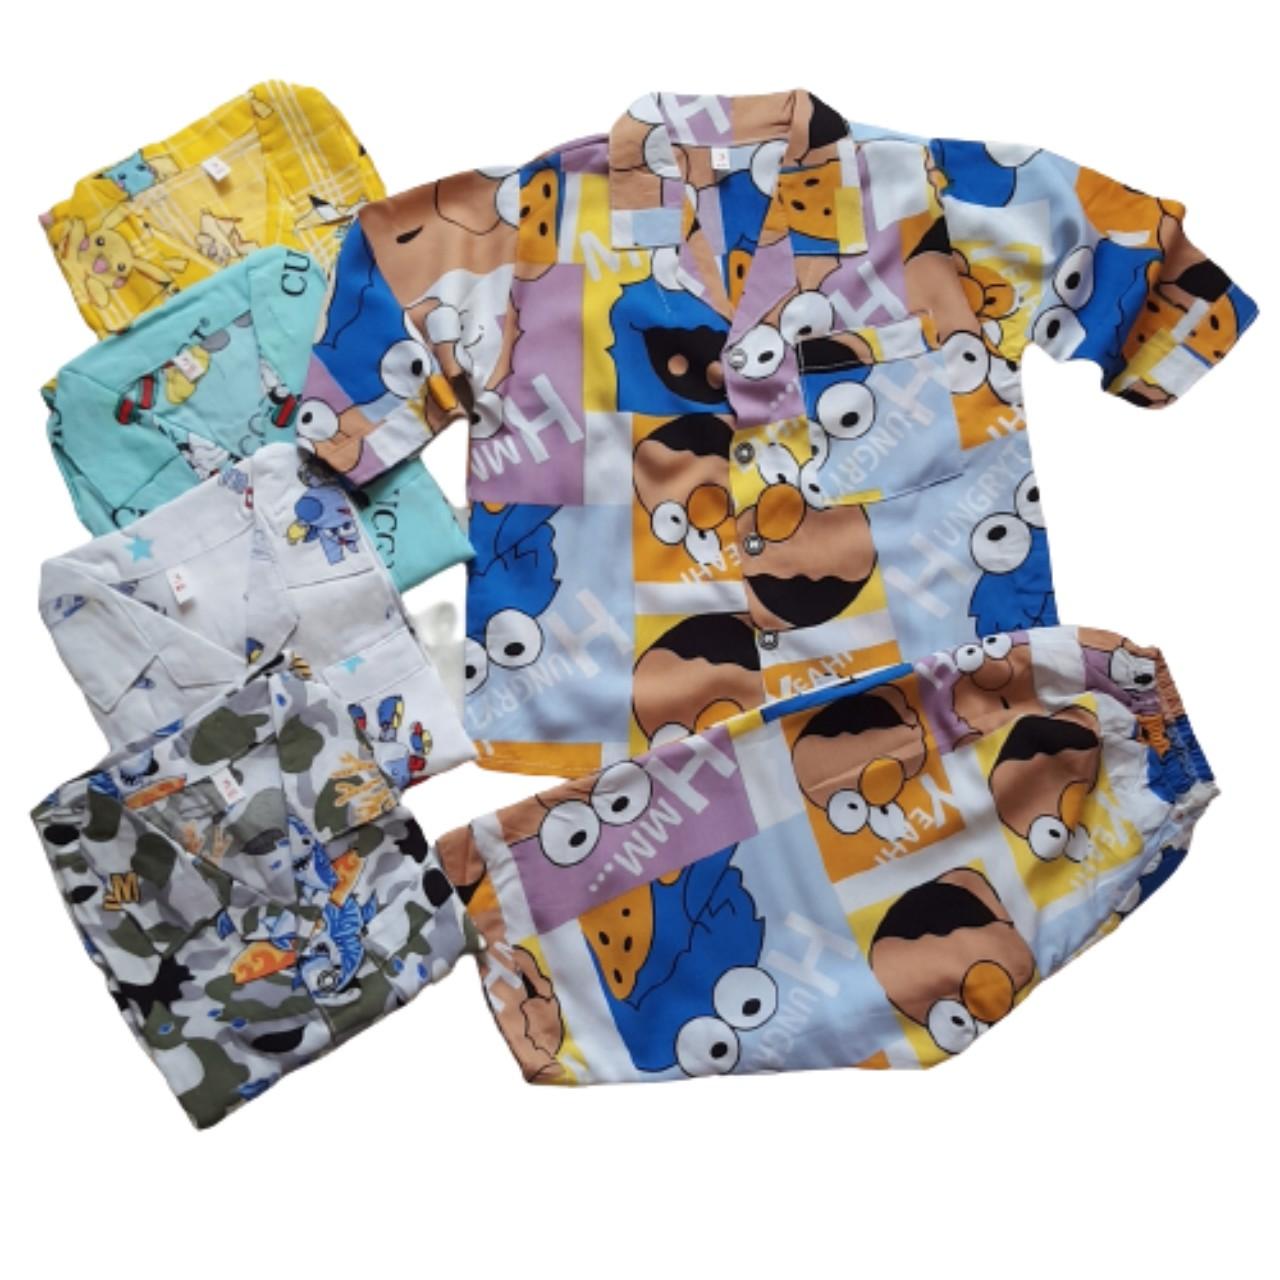 Combo 2 bộ quần áo trẻ em Tole, lanh PIJAMA tay dài quần dài cho bé trai Size 5 -23kg